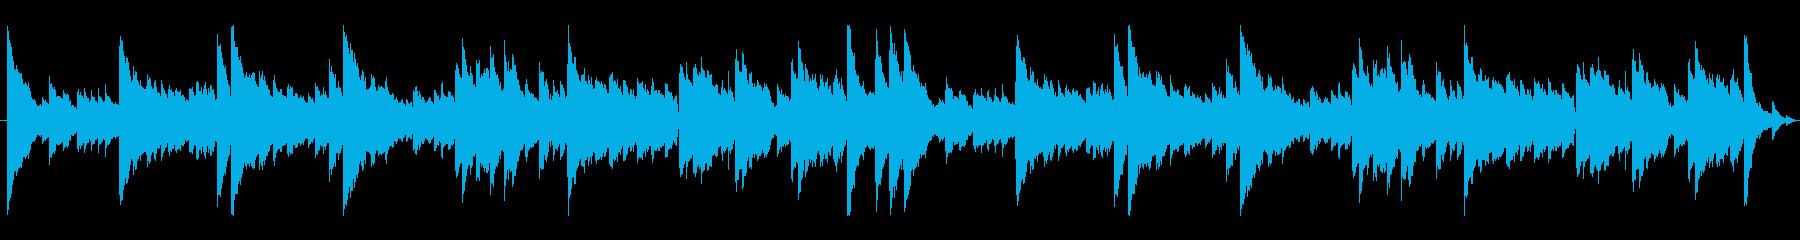 ピアノとガットギターのしっとり癒し系の曲の再生済みの波形